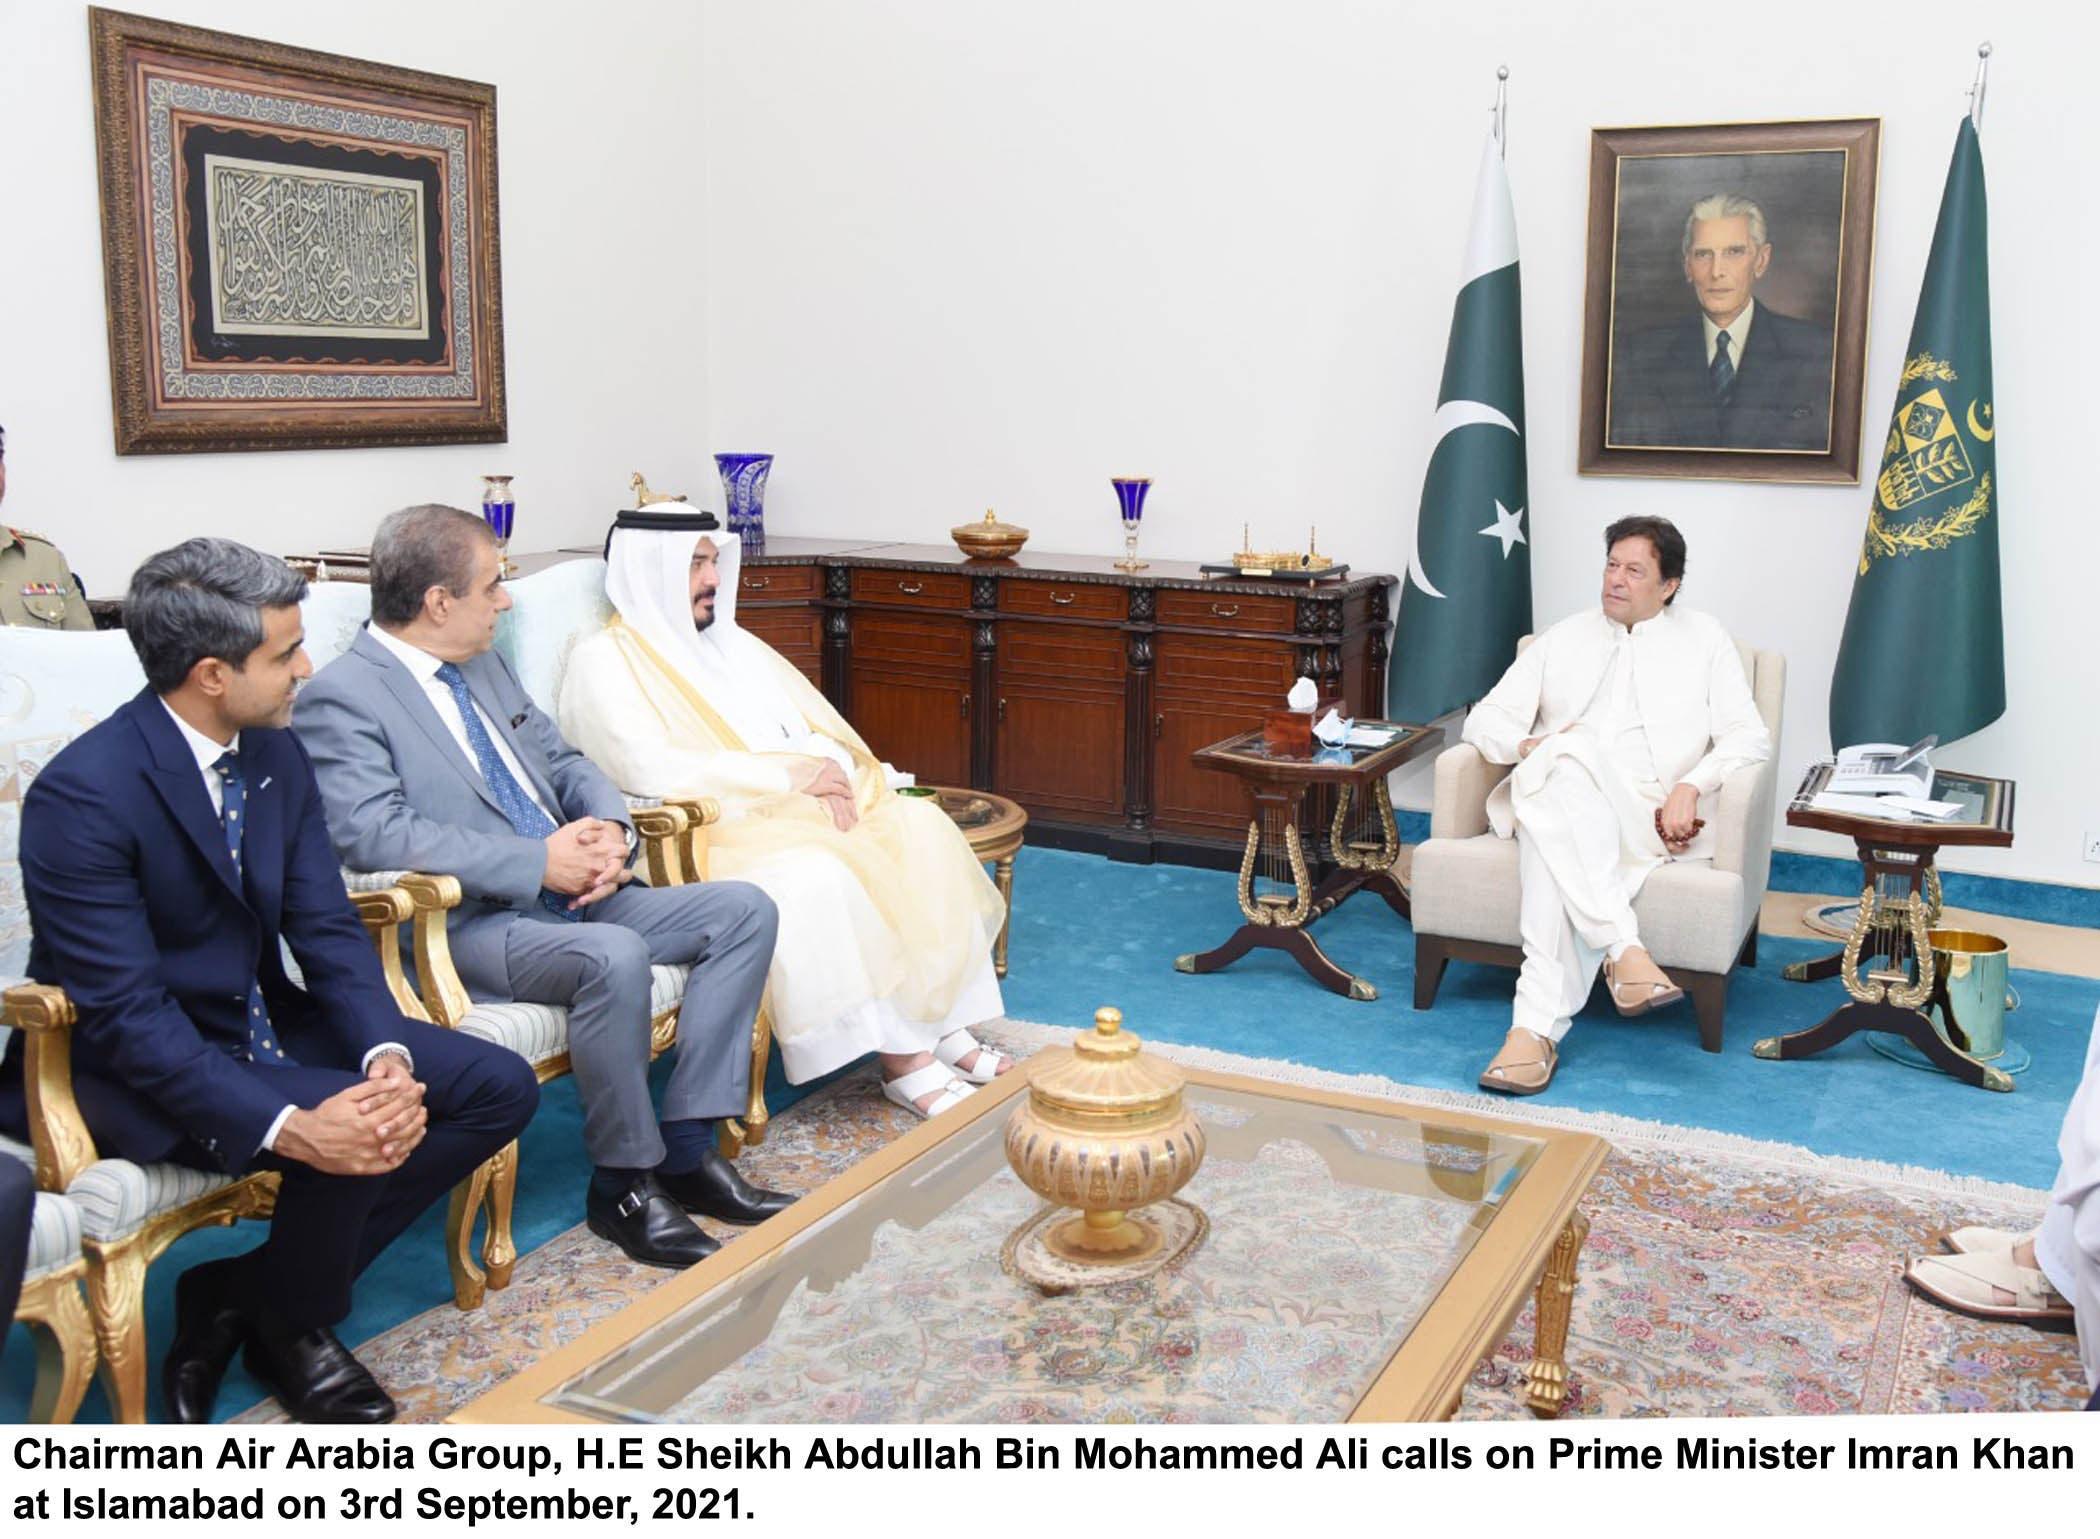 ائیر عربیہ گروپ کے سربراہ شیخ عبداللہ بن محمد علی وزیر اعظم عمران خان سے ملاقات کر رہے ہیں